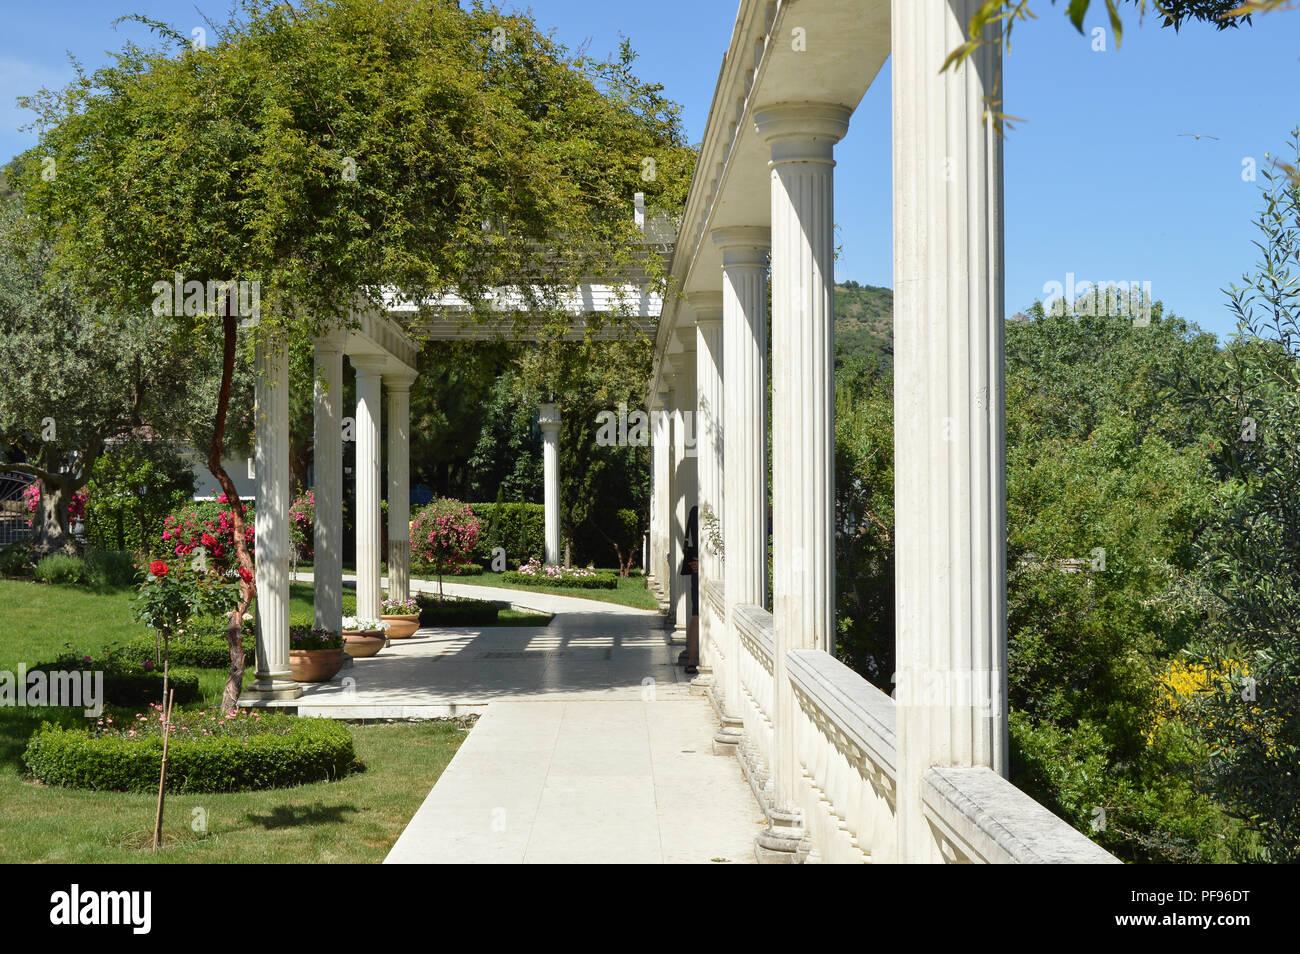 Das Konzept der Landschaftsgestaltung in den Garten, eine schöne Gitter mit einer Spalte, Blumen und Bäume Stockbild